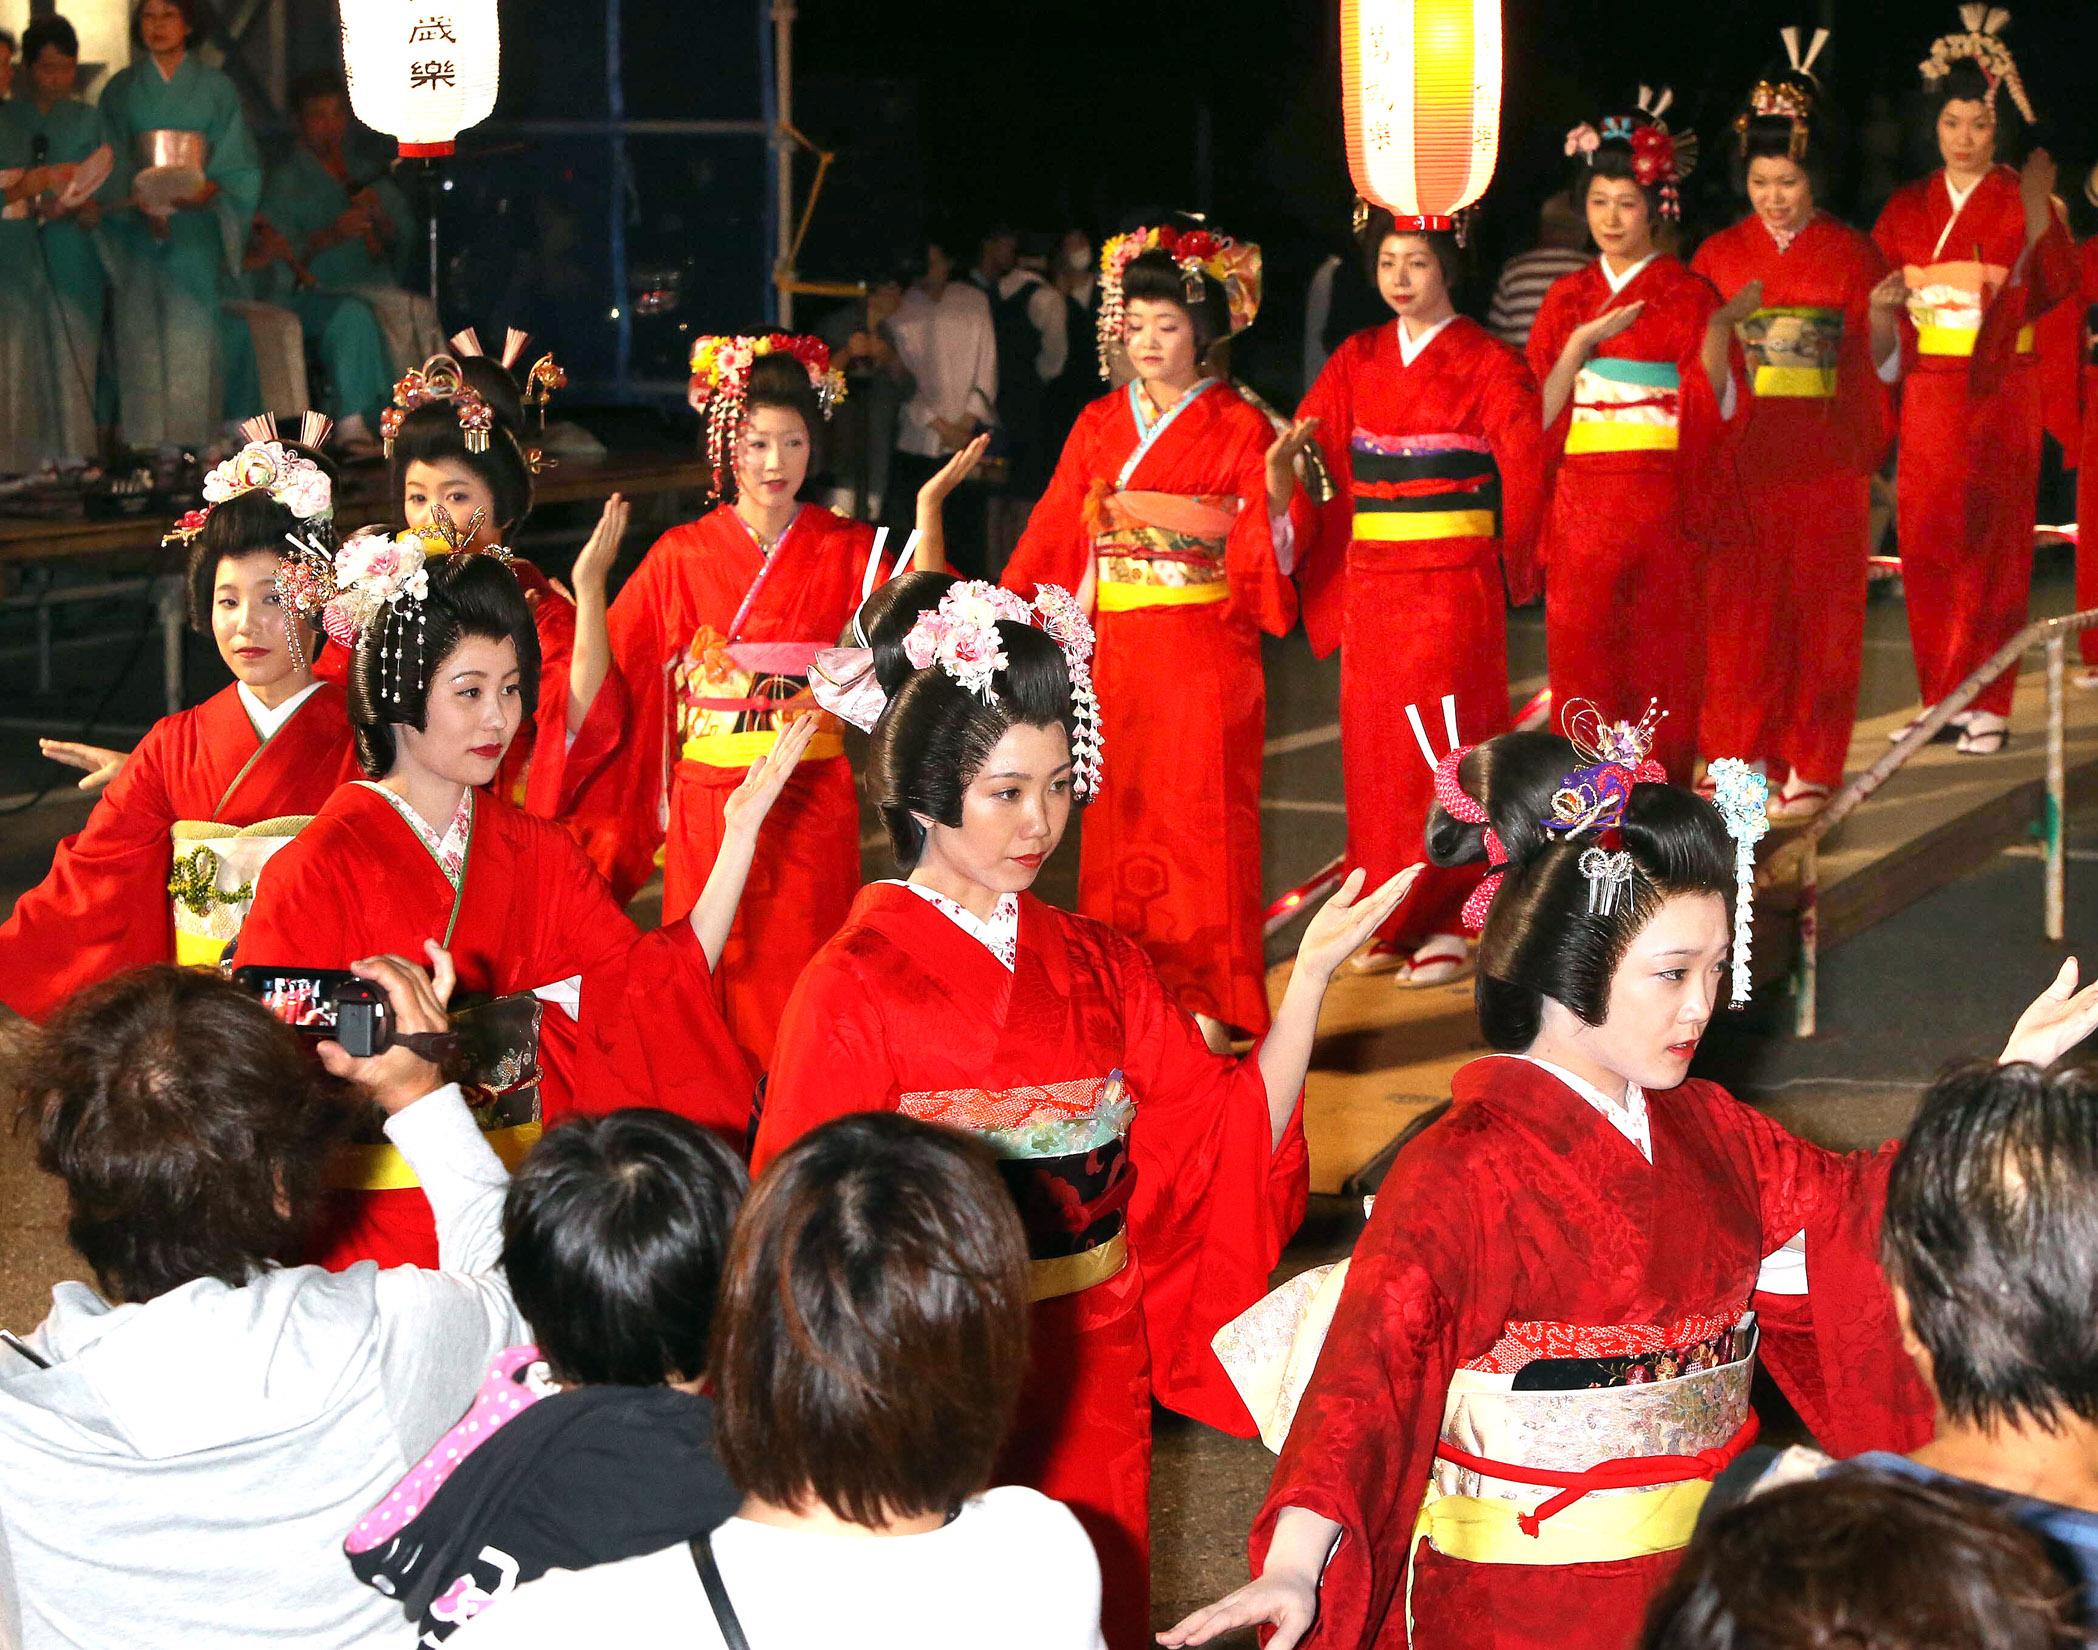 赤襦袢をまとい、あでやかな踊りを披露する踊り手=9日午後7時50分、小松市安宅町